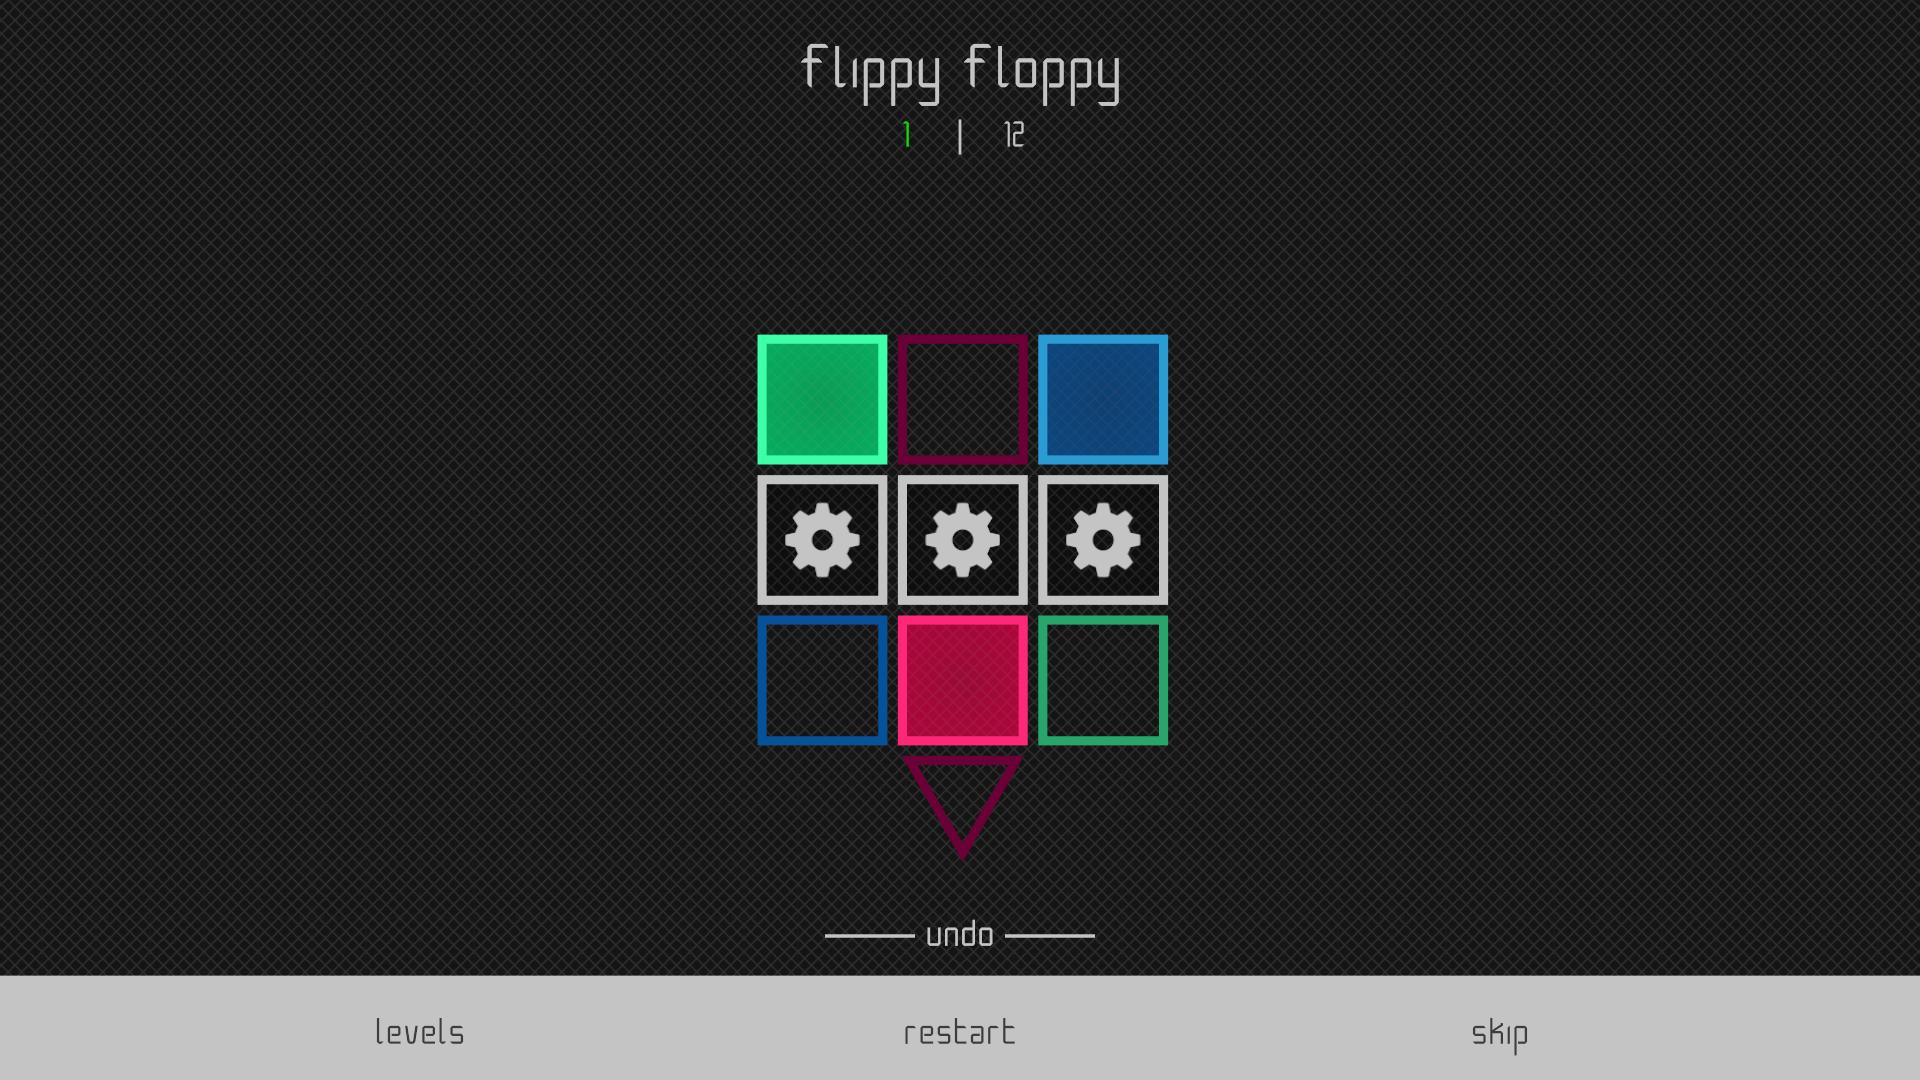 flippy floppy